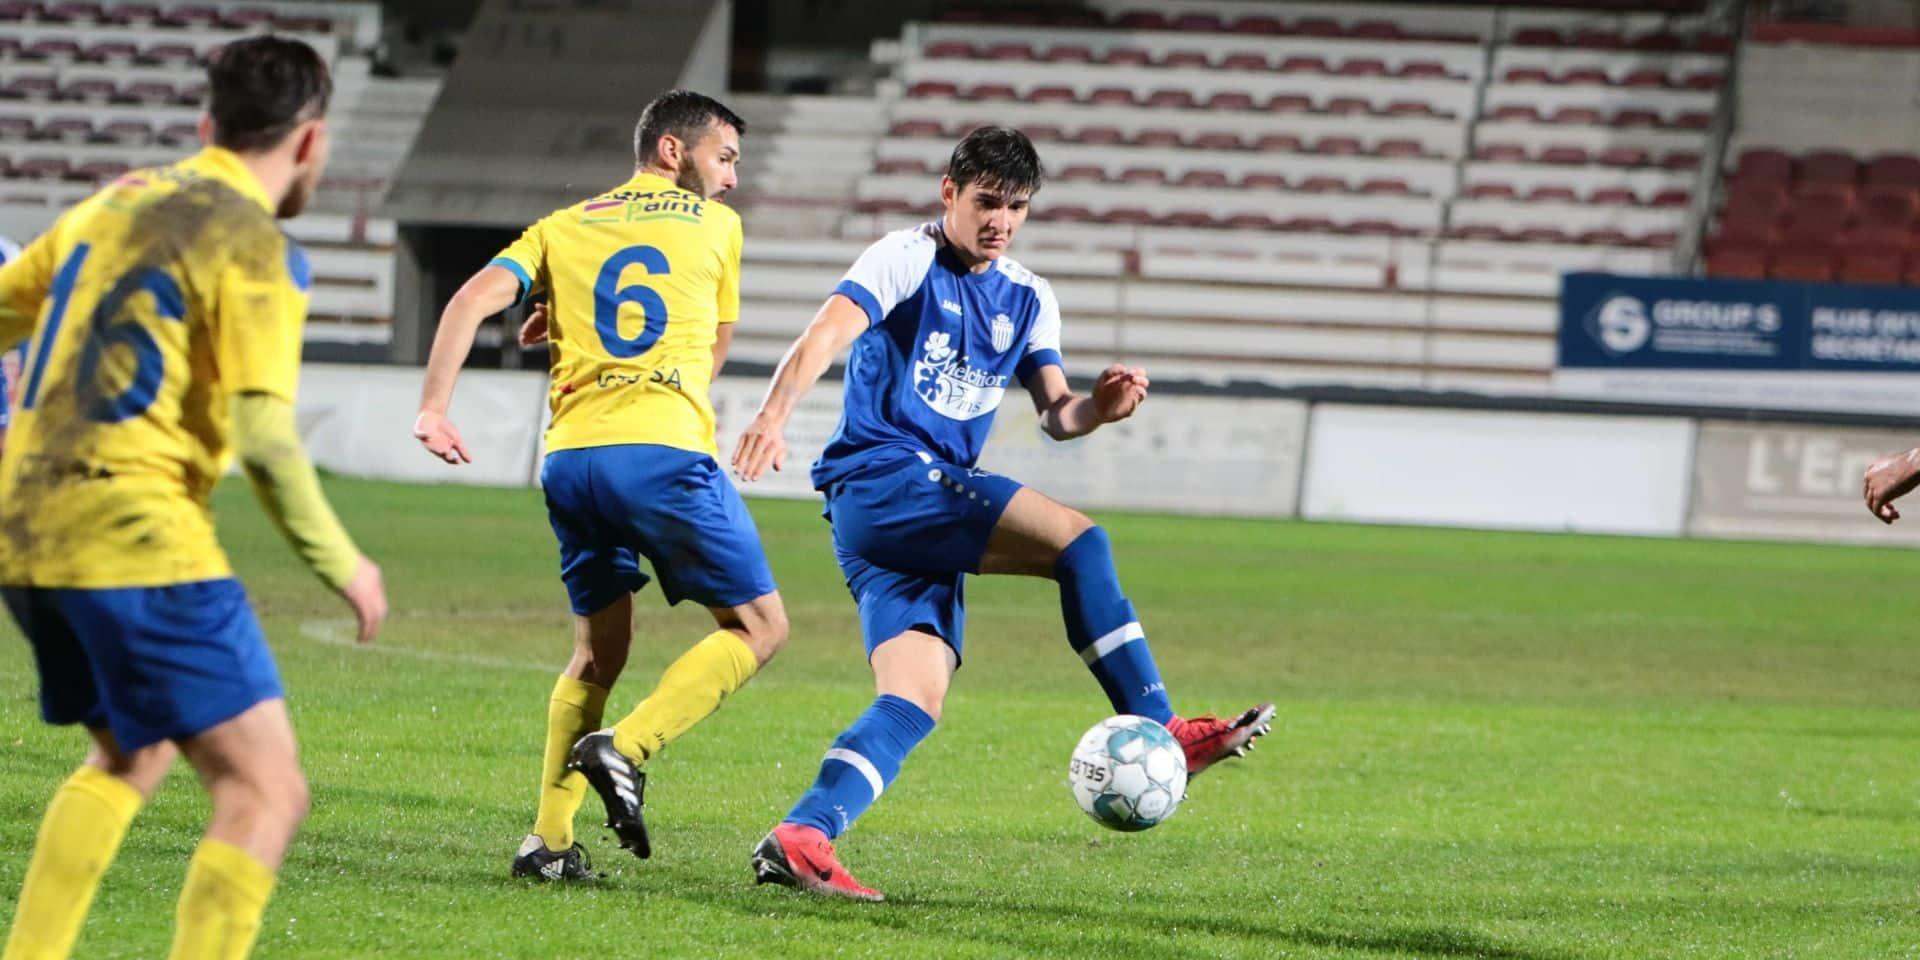 D3A ACFF: Symphorinois et Aische se mordent les doigts, première victoire pour Namur